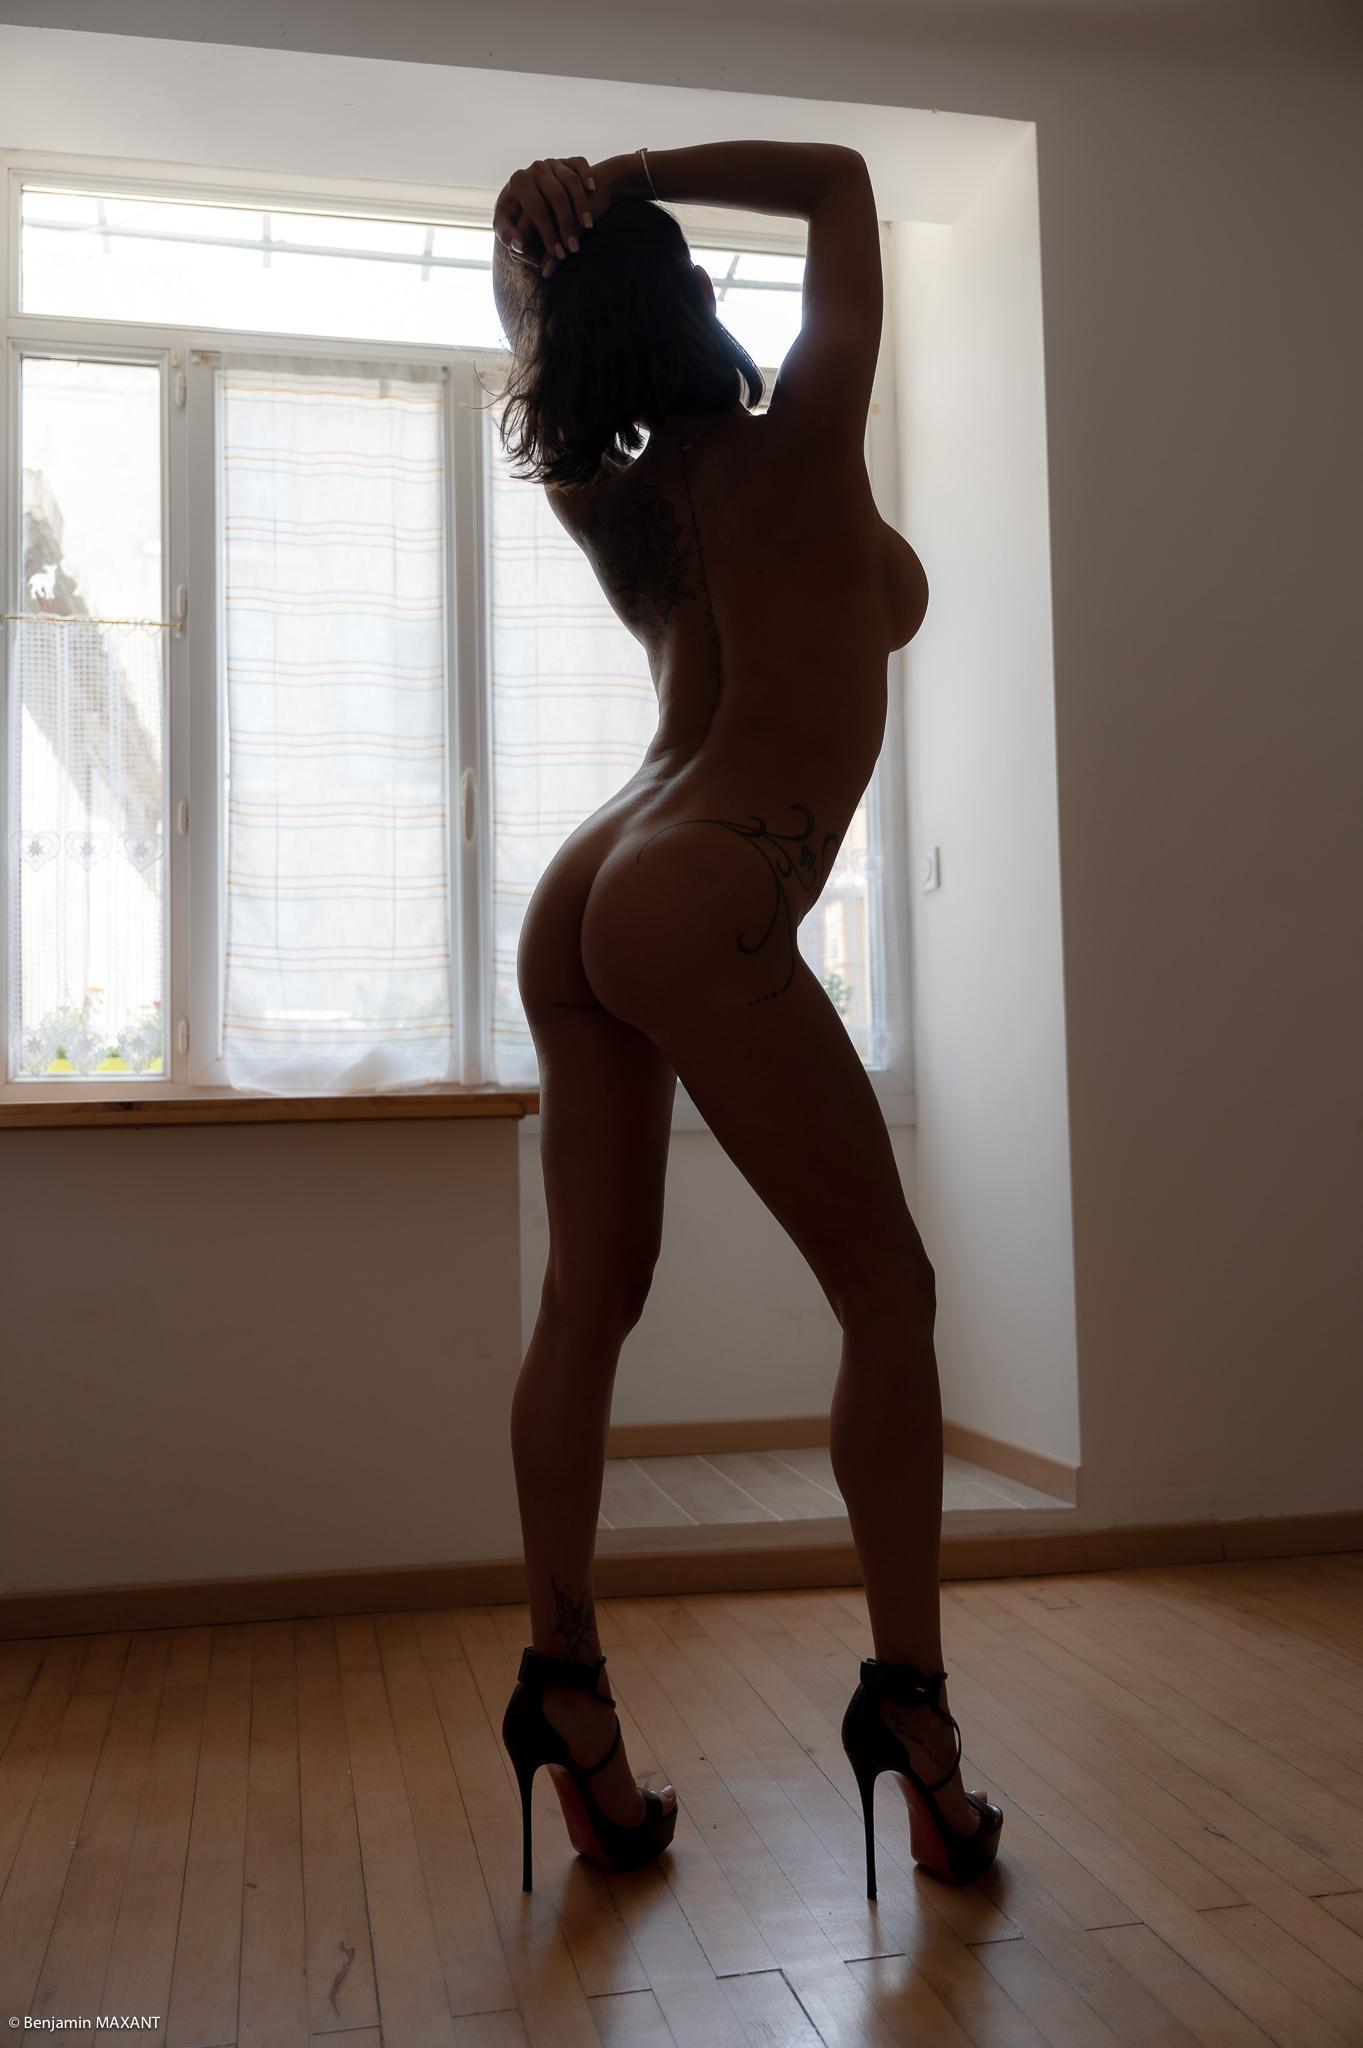 Séance photo érotique Christelle nue contre jour